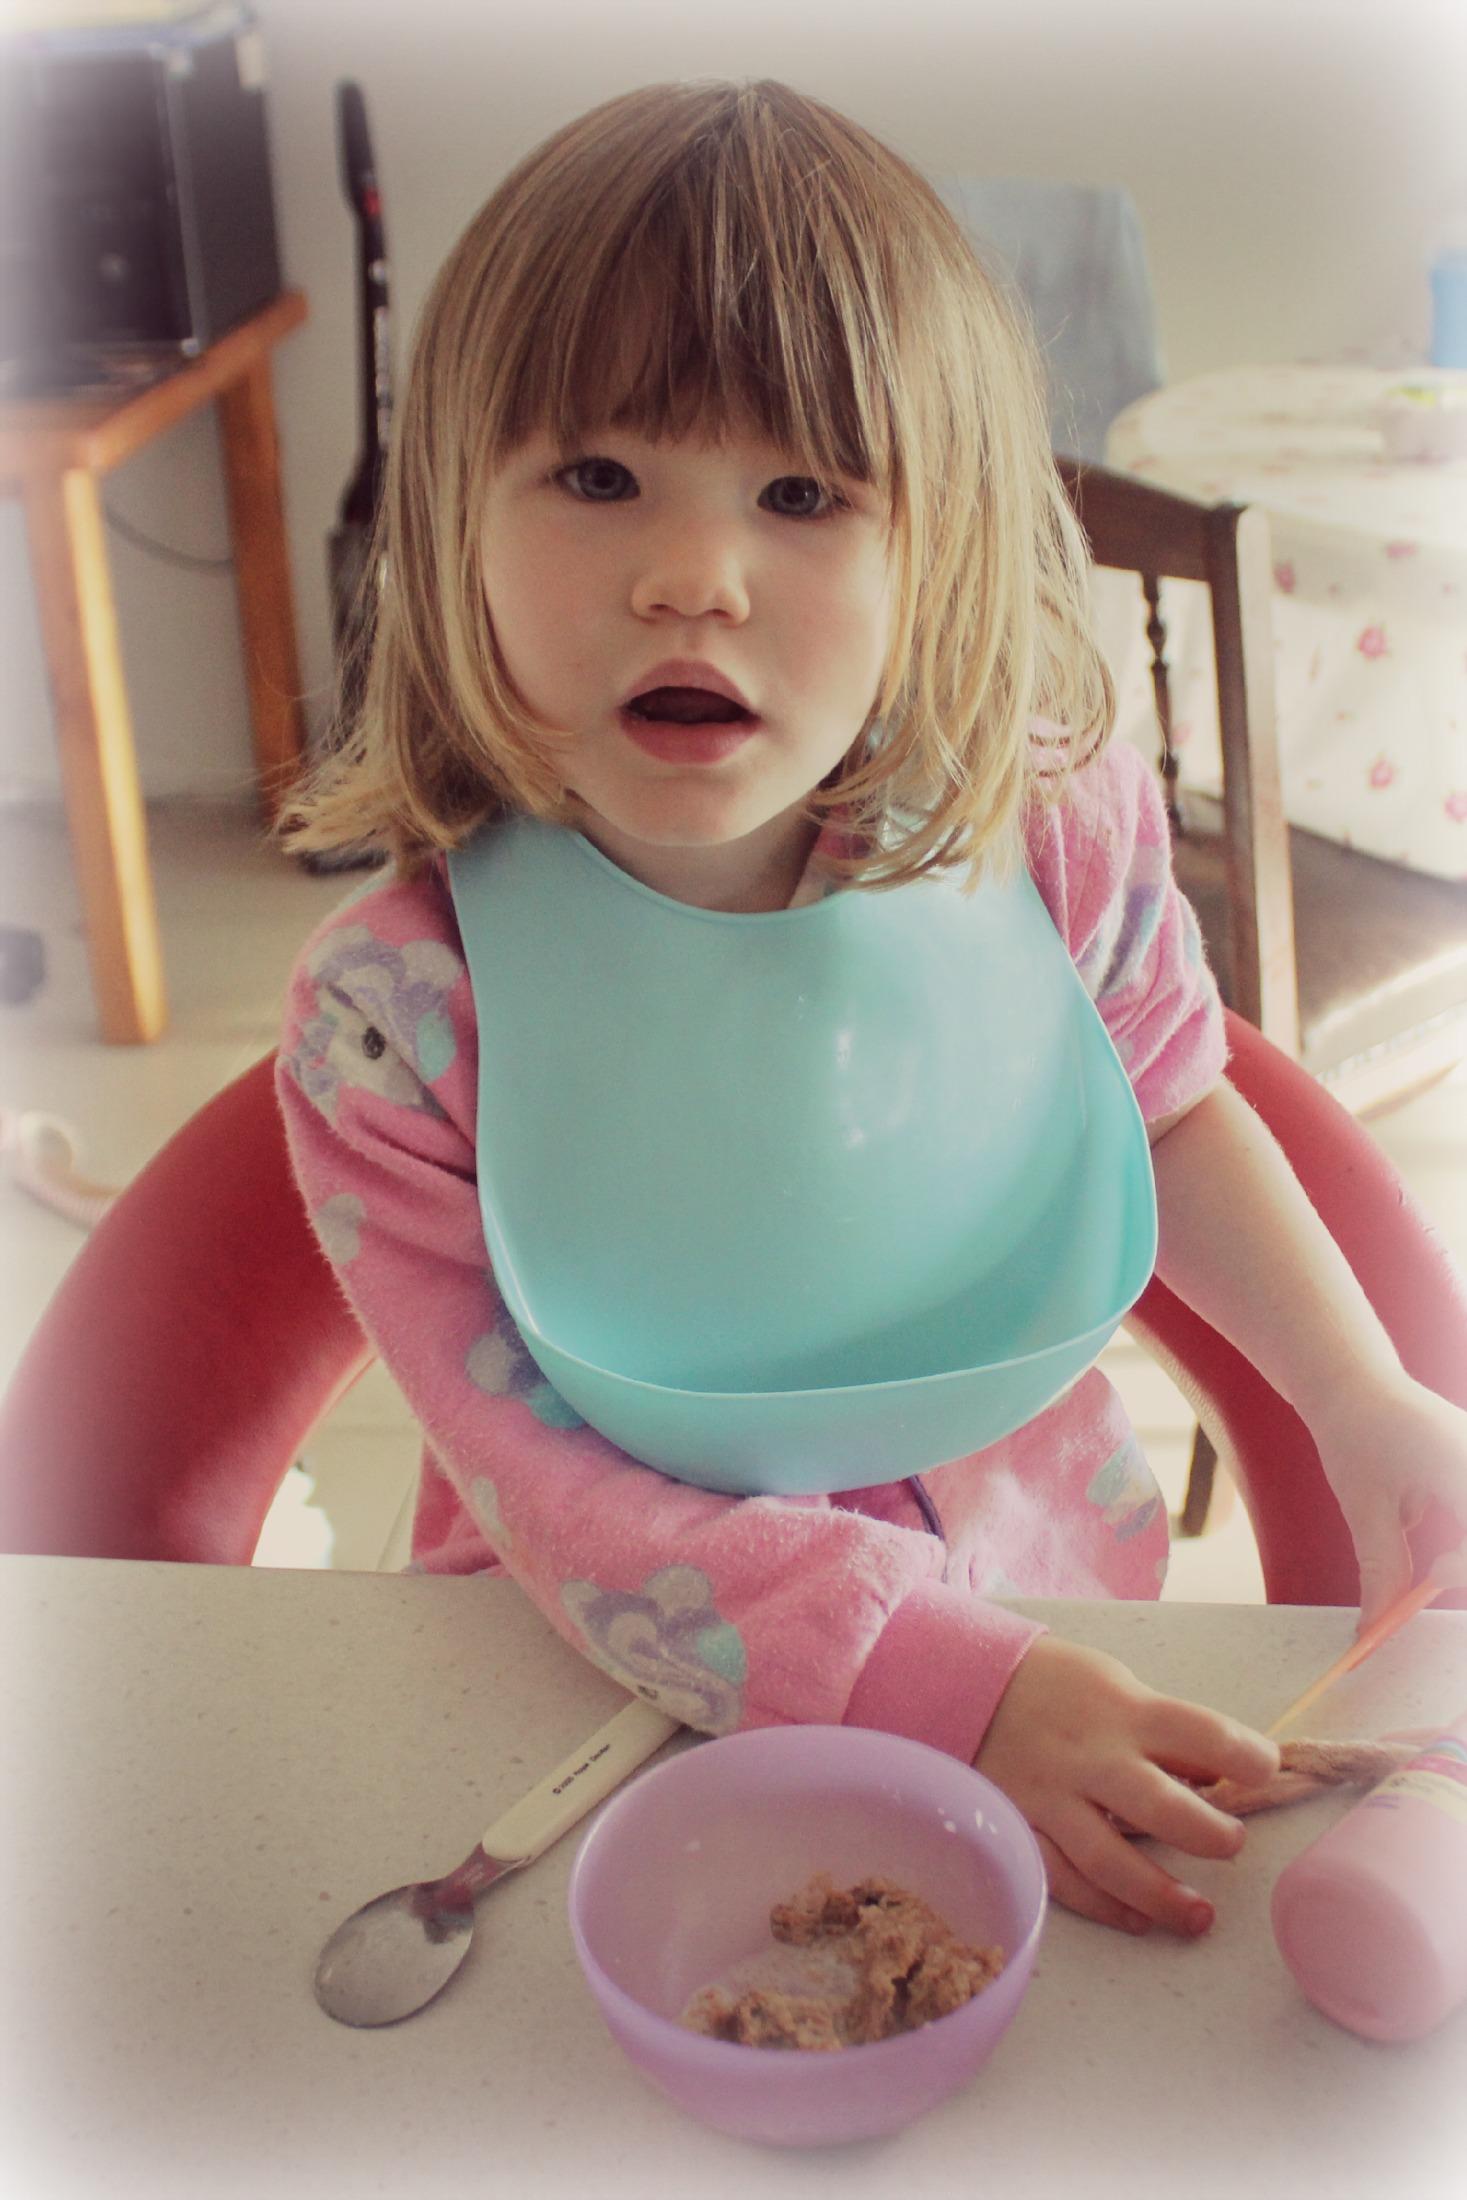 I Shouldn't Have Yelled Over Spilt Milk ~ Peaceful Parents, Confident Kids